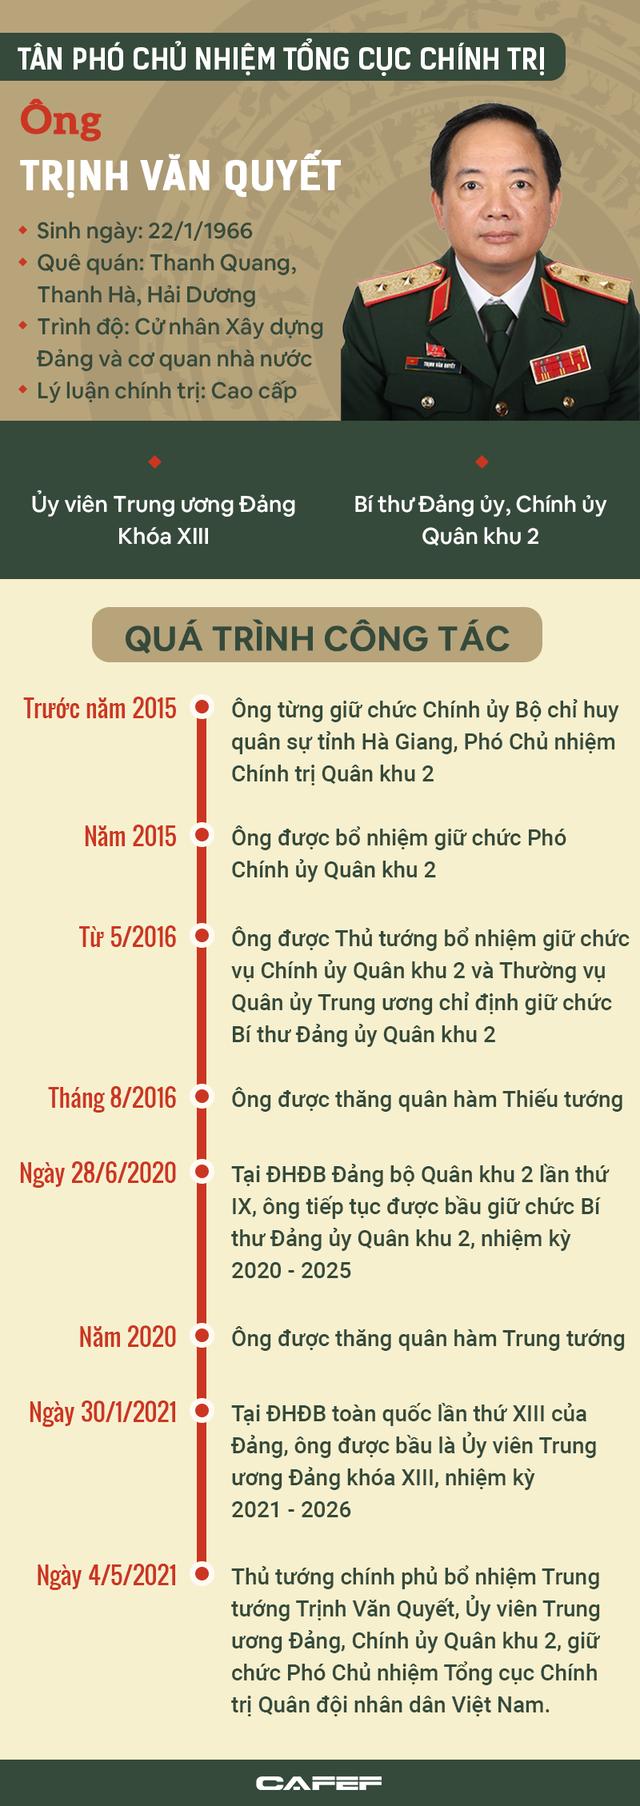 Chân dung tân Phó Chủ nhiệm Tổng cục Chính trị QĐND Việt Nam Trịnh Văn Quyết - Ảnh 1.